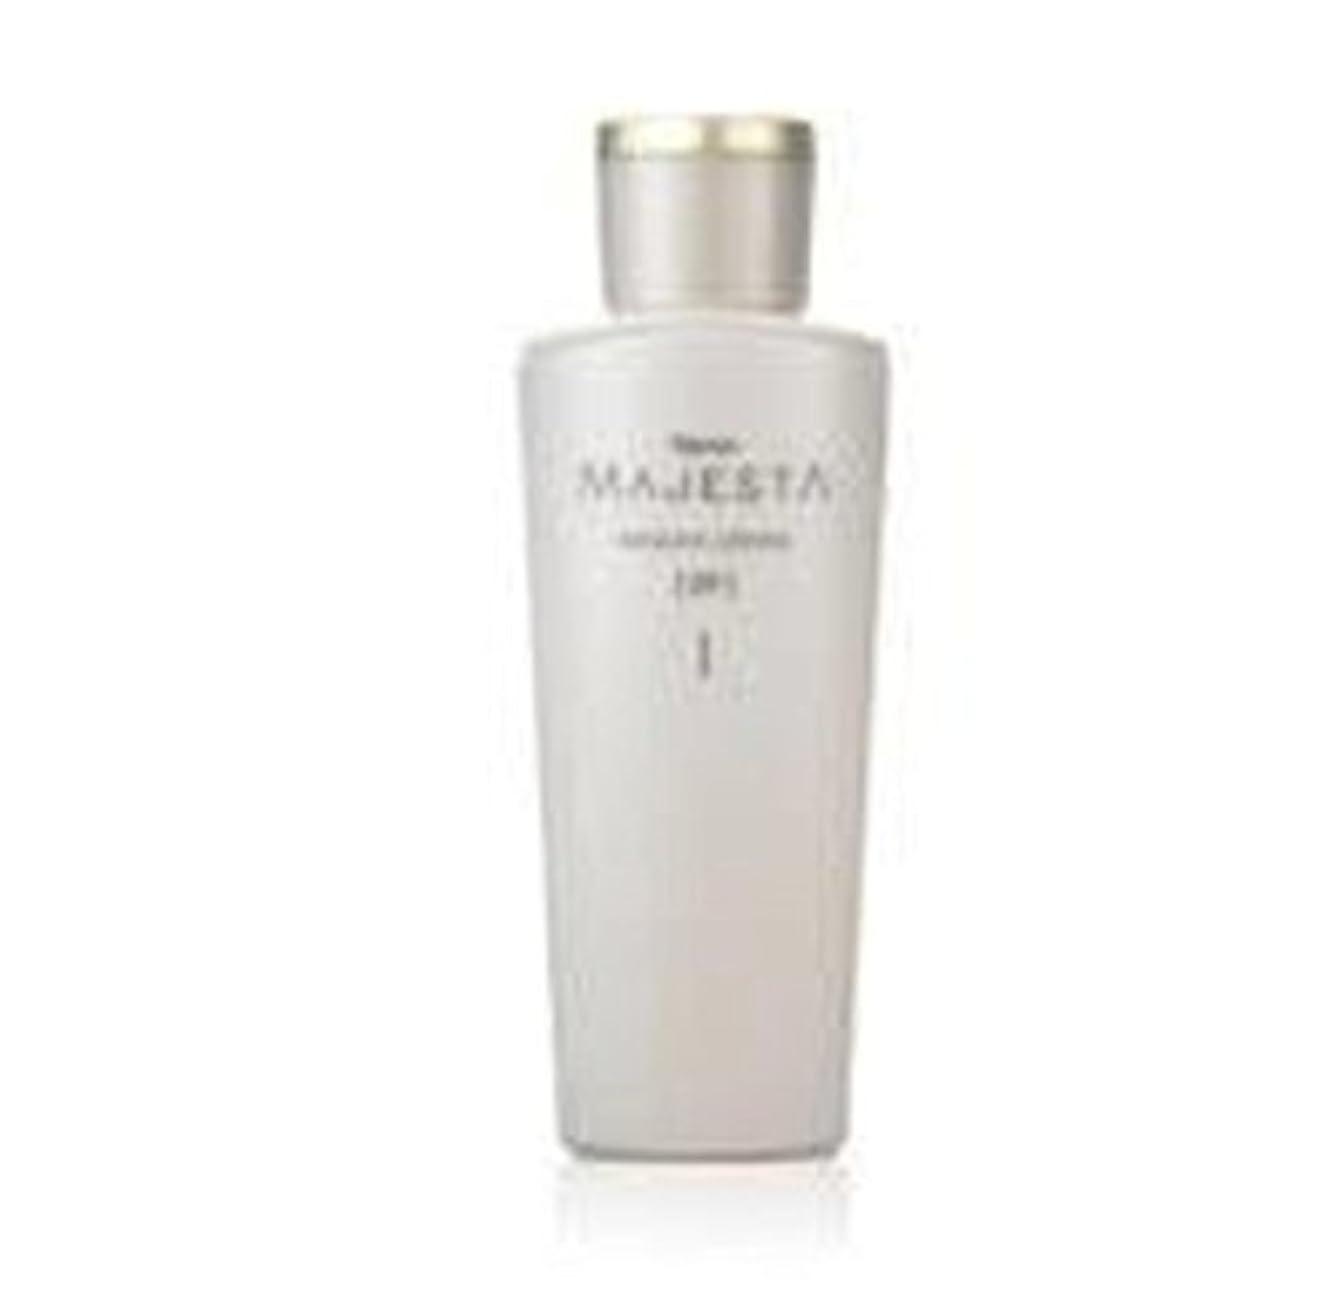 放散する先例圧倒するナリス化粧品 マジェスタ ネオアクシス ローションN I